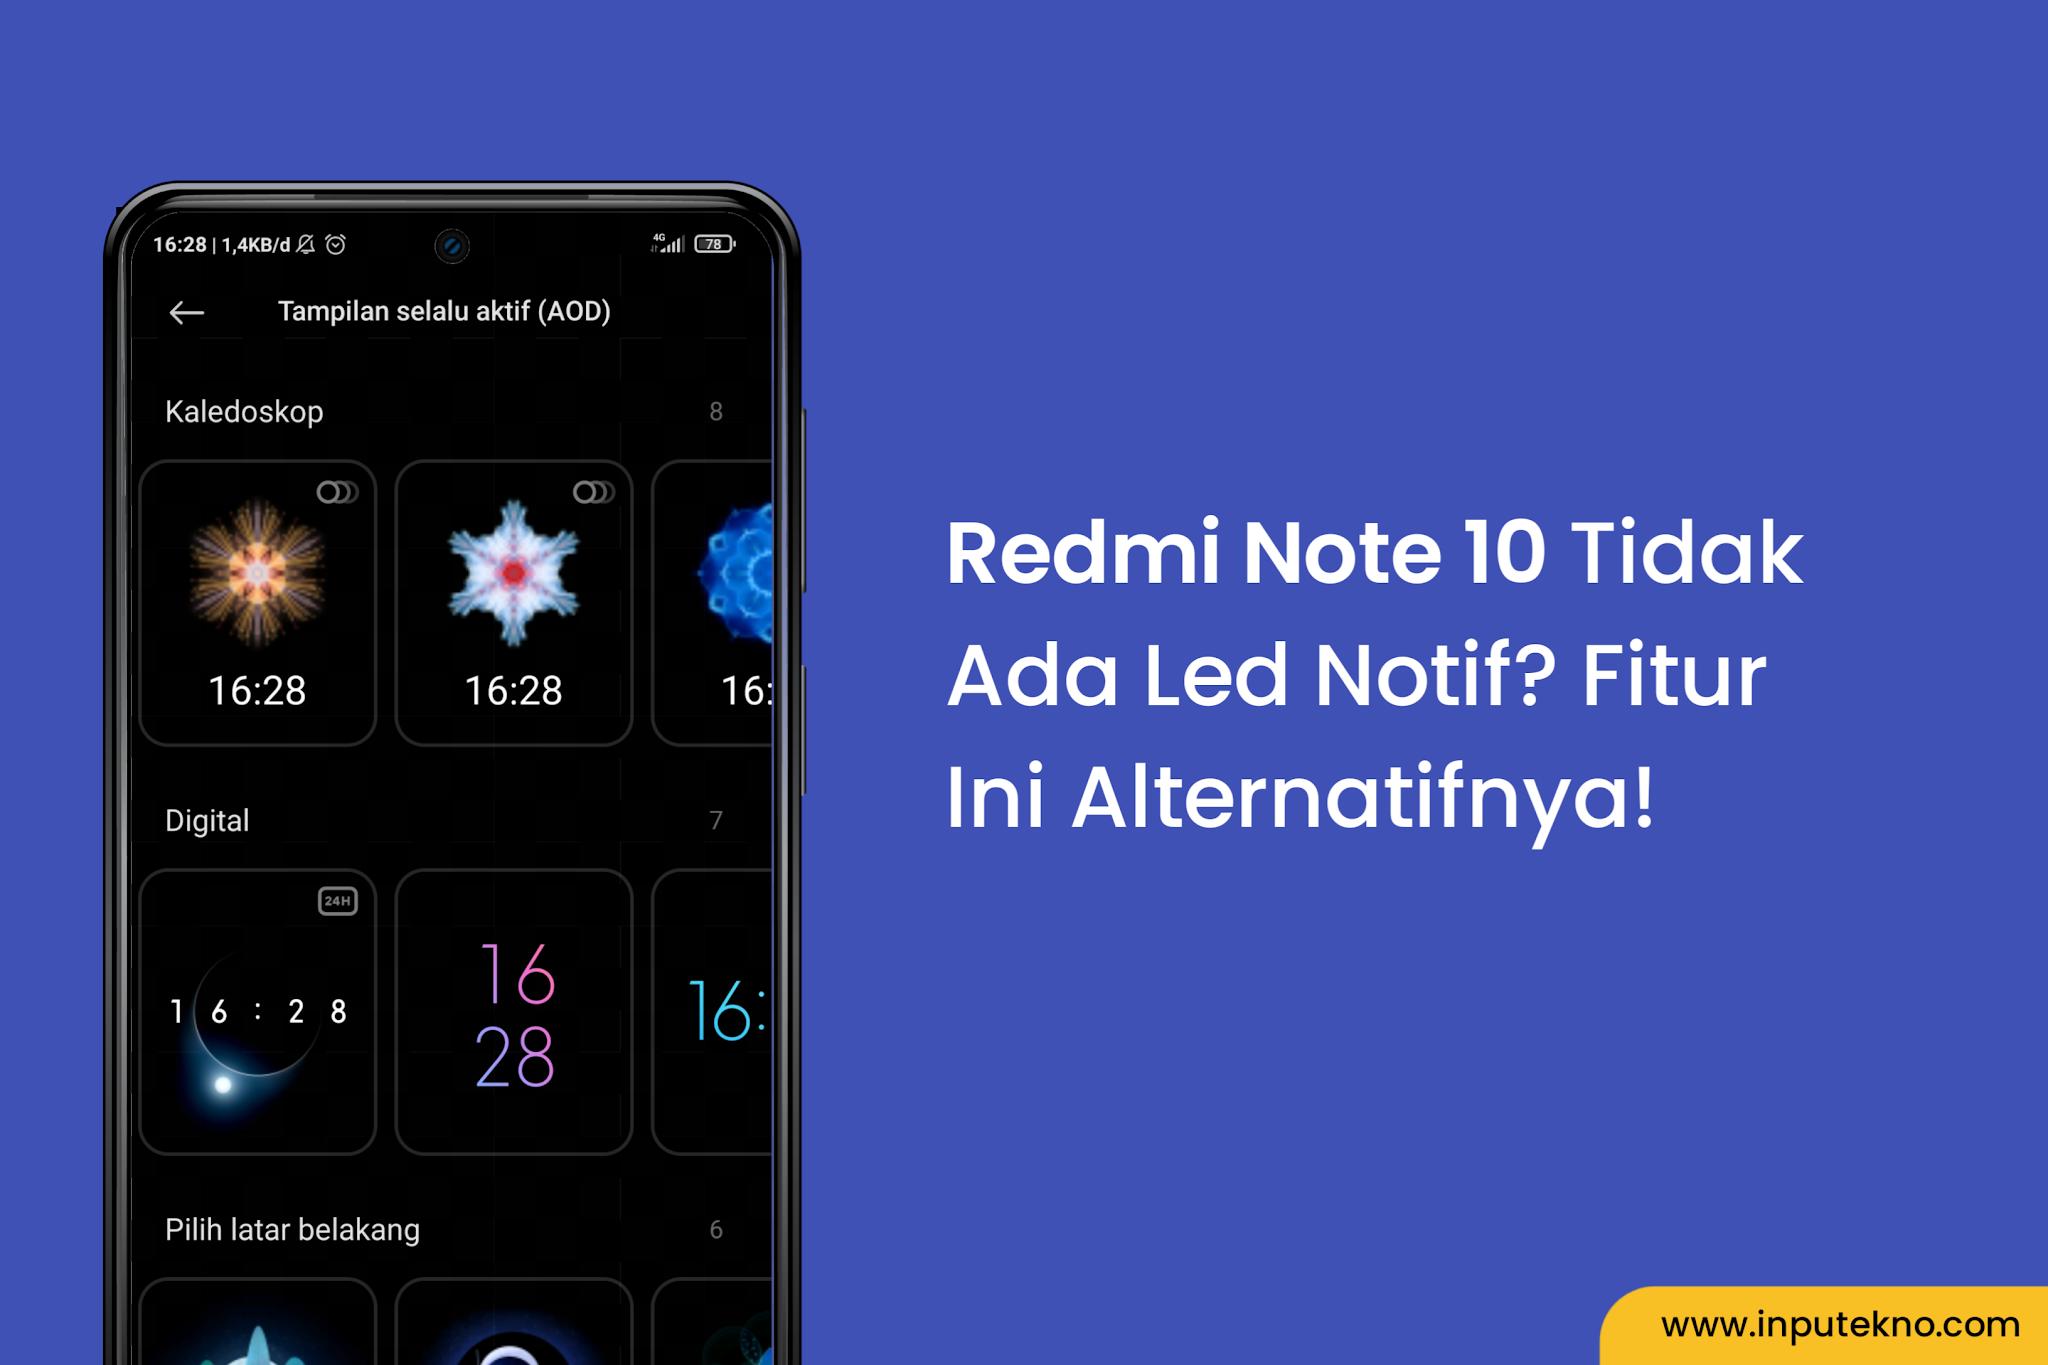 Mengaktifkan fitur AOD Redmi Note 10